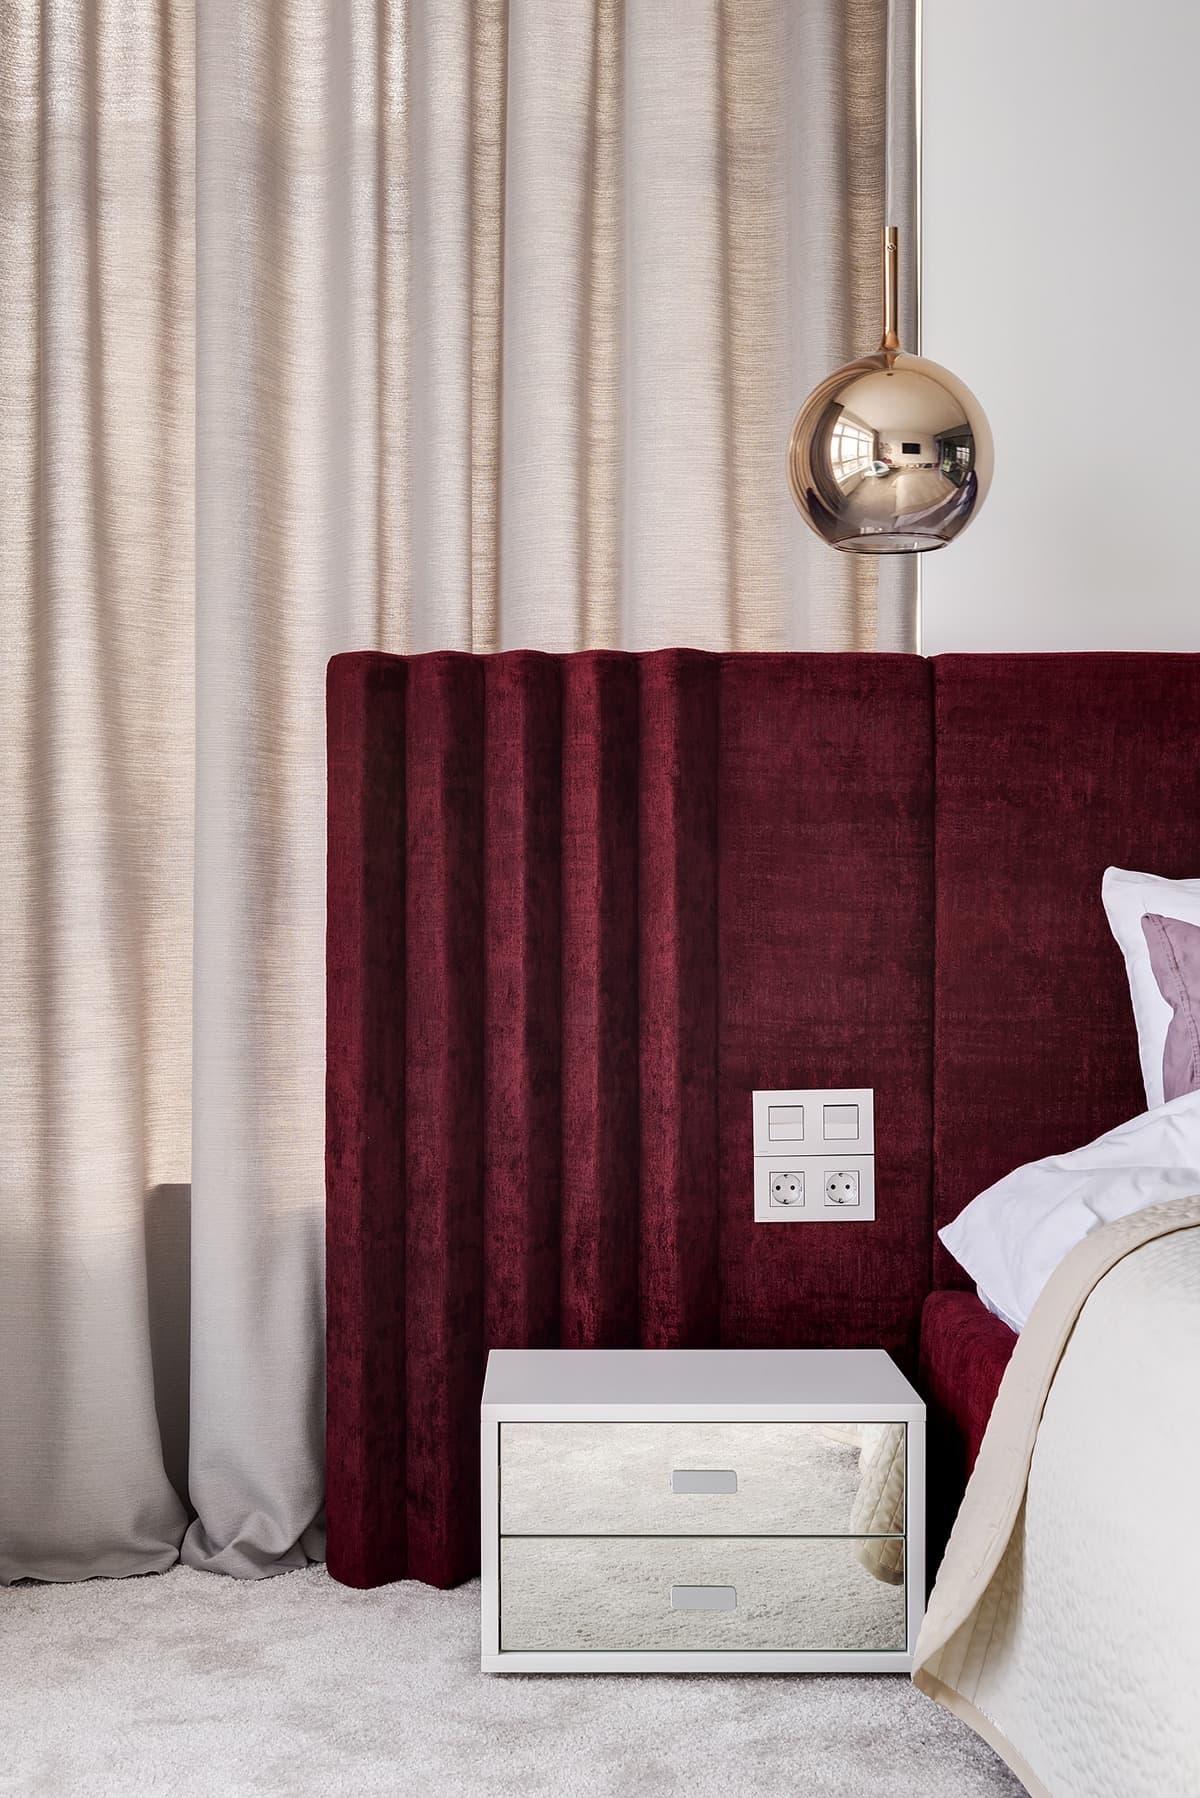 Бордовое изголовье кровати выступает как акцентный элемент на фоне бежевых штор в спальне